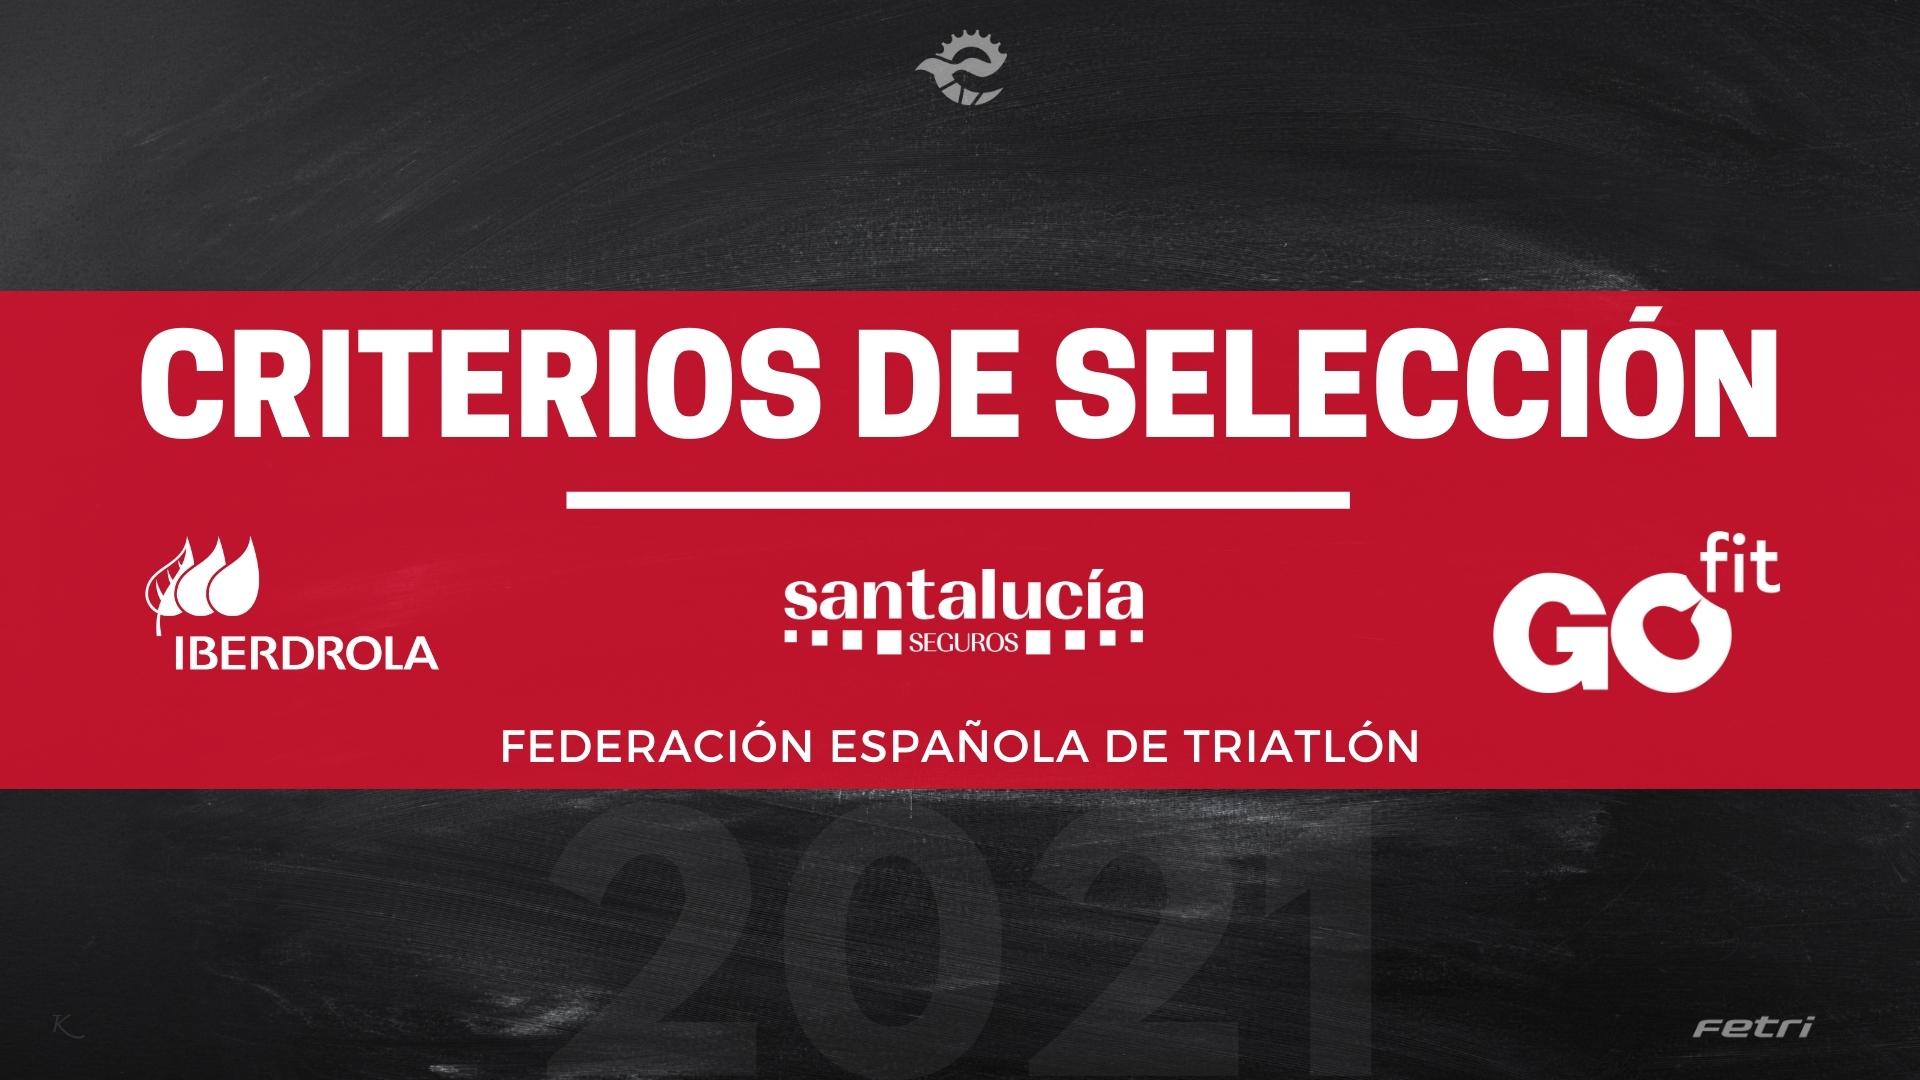 Actualización de los Criterios de Selección FETRI 2021